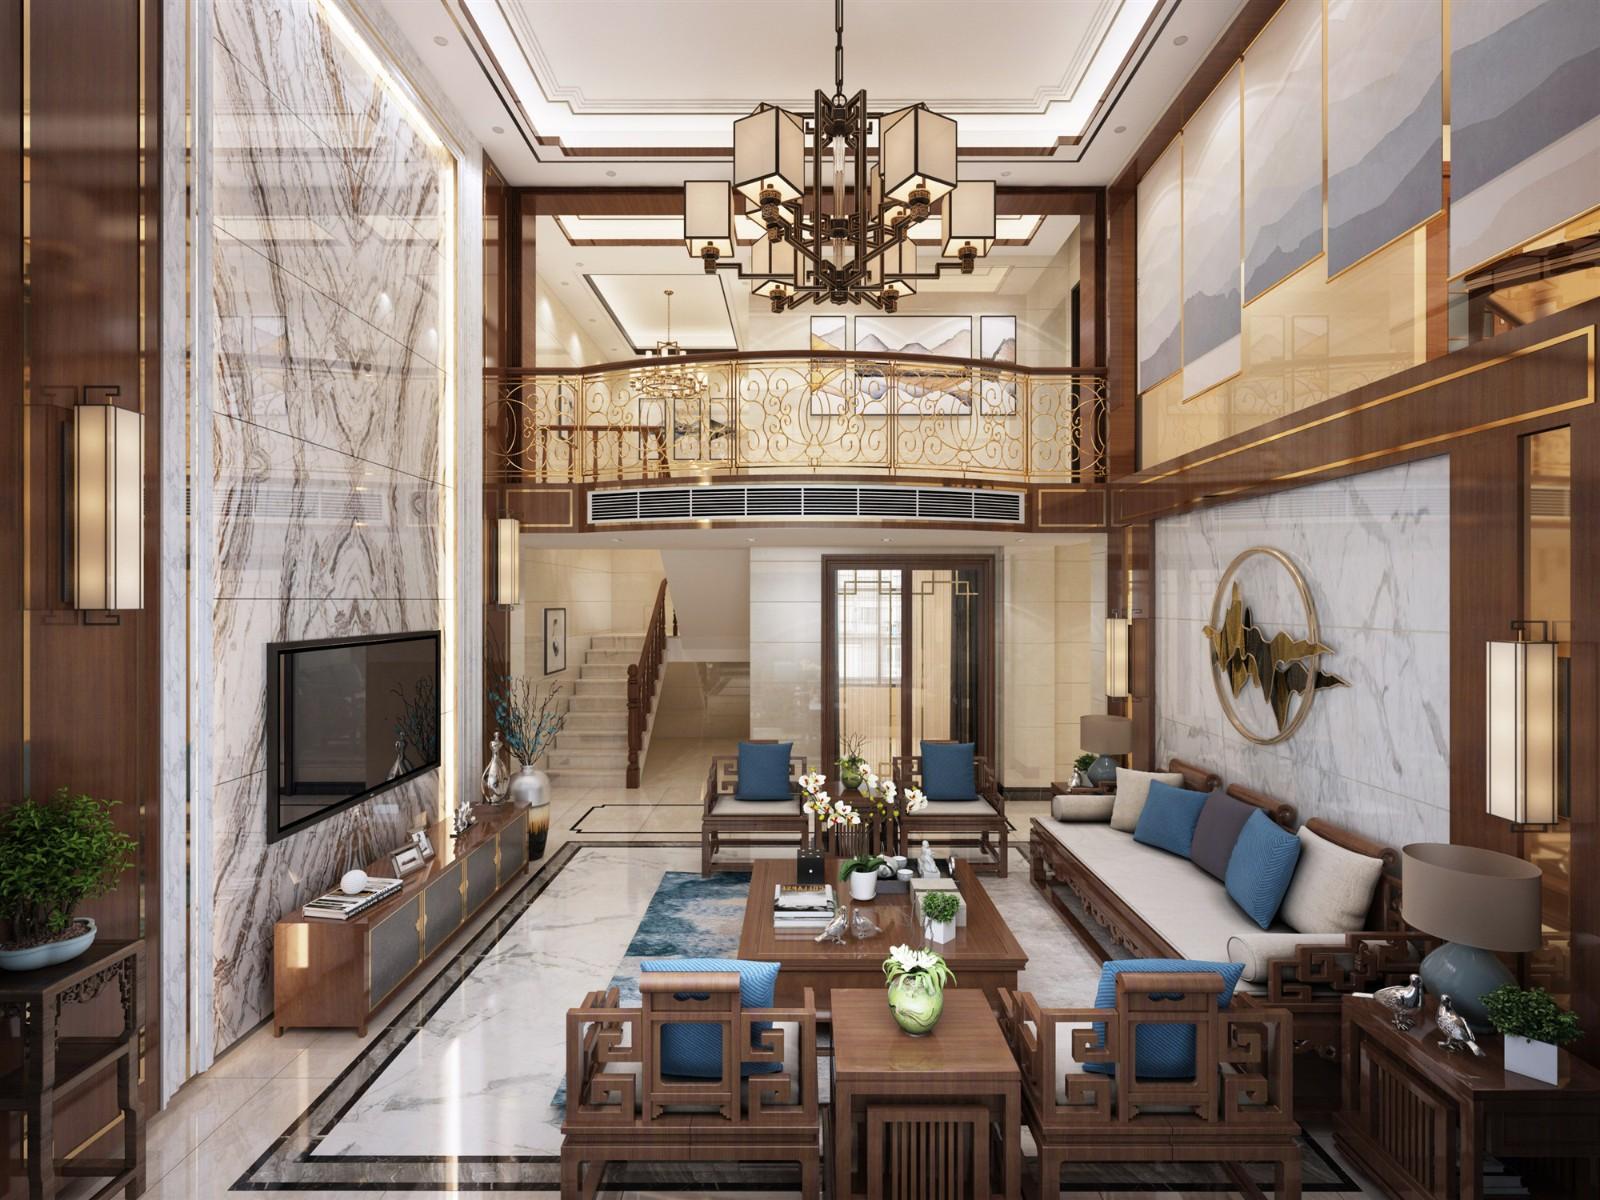 2021现代中式300平米以上装修效果图片 2021现代中式别墅装饰设计